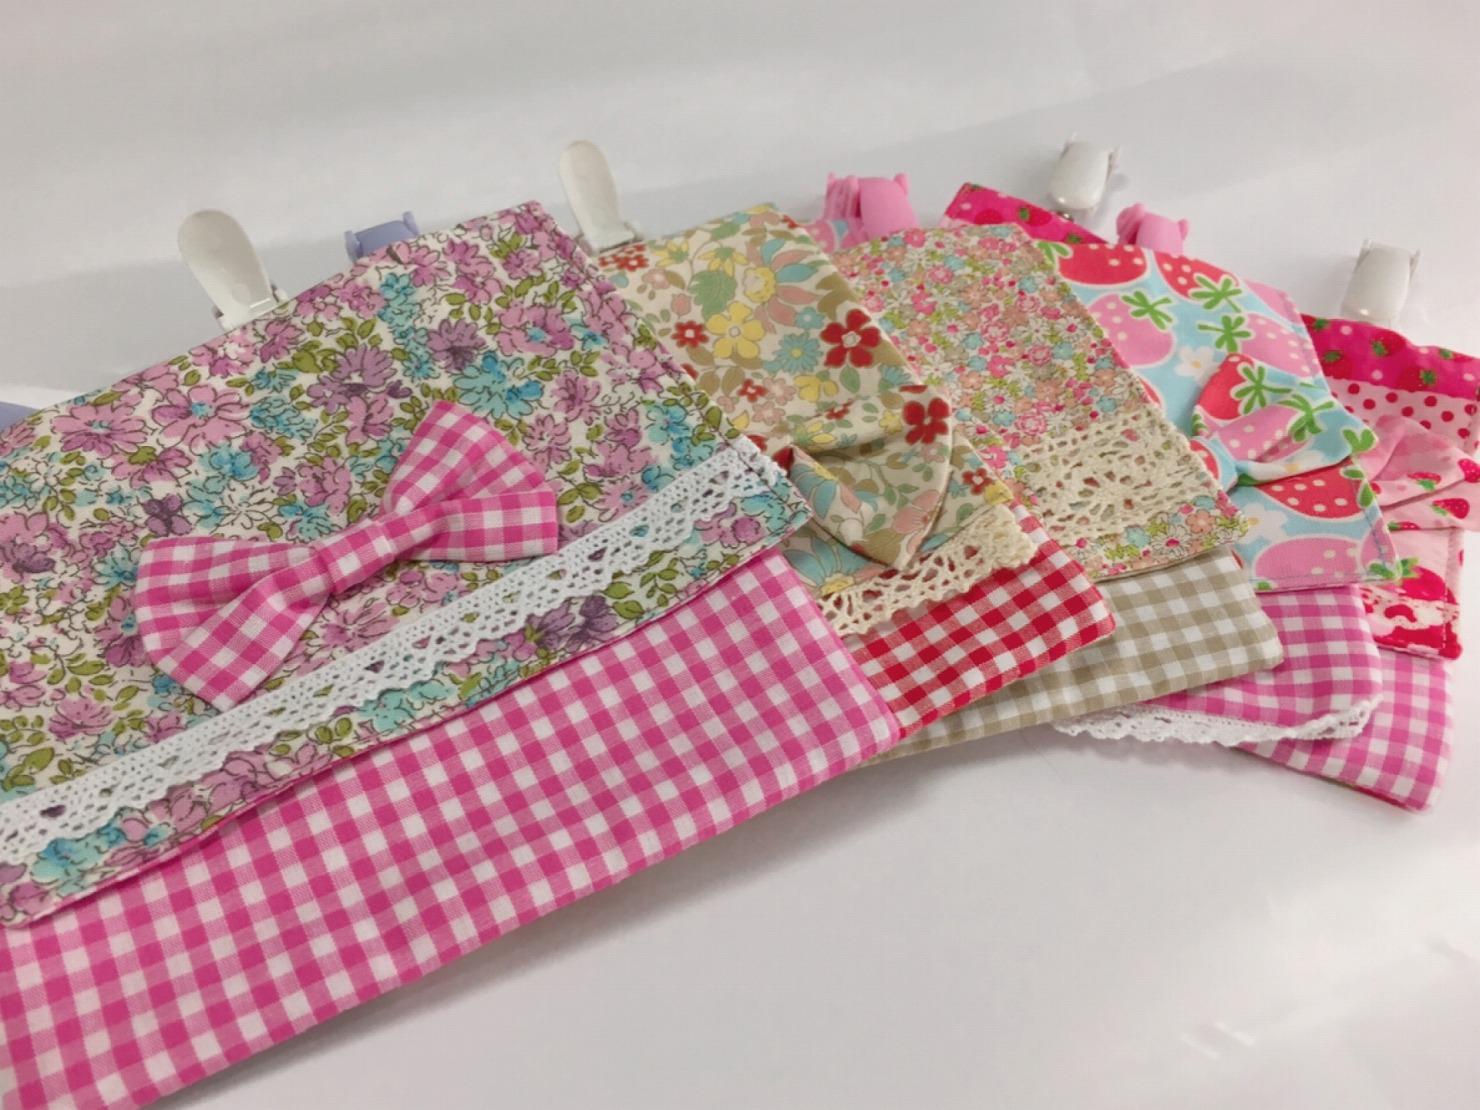 移動ポケットを簡単に手作りしよう! 作り方のおすすめ動画4選、手縫いの方法も紹介